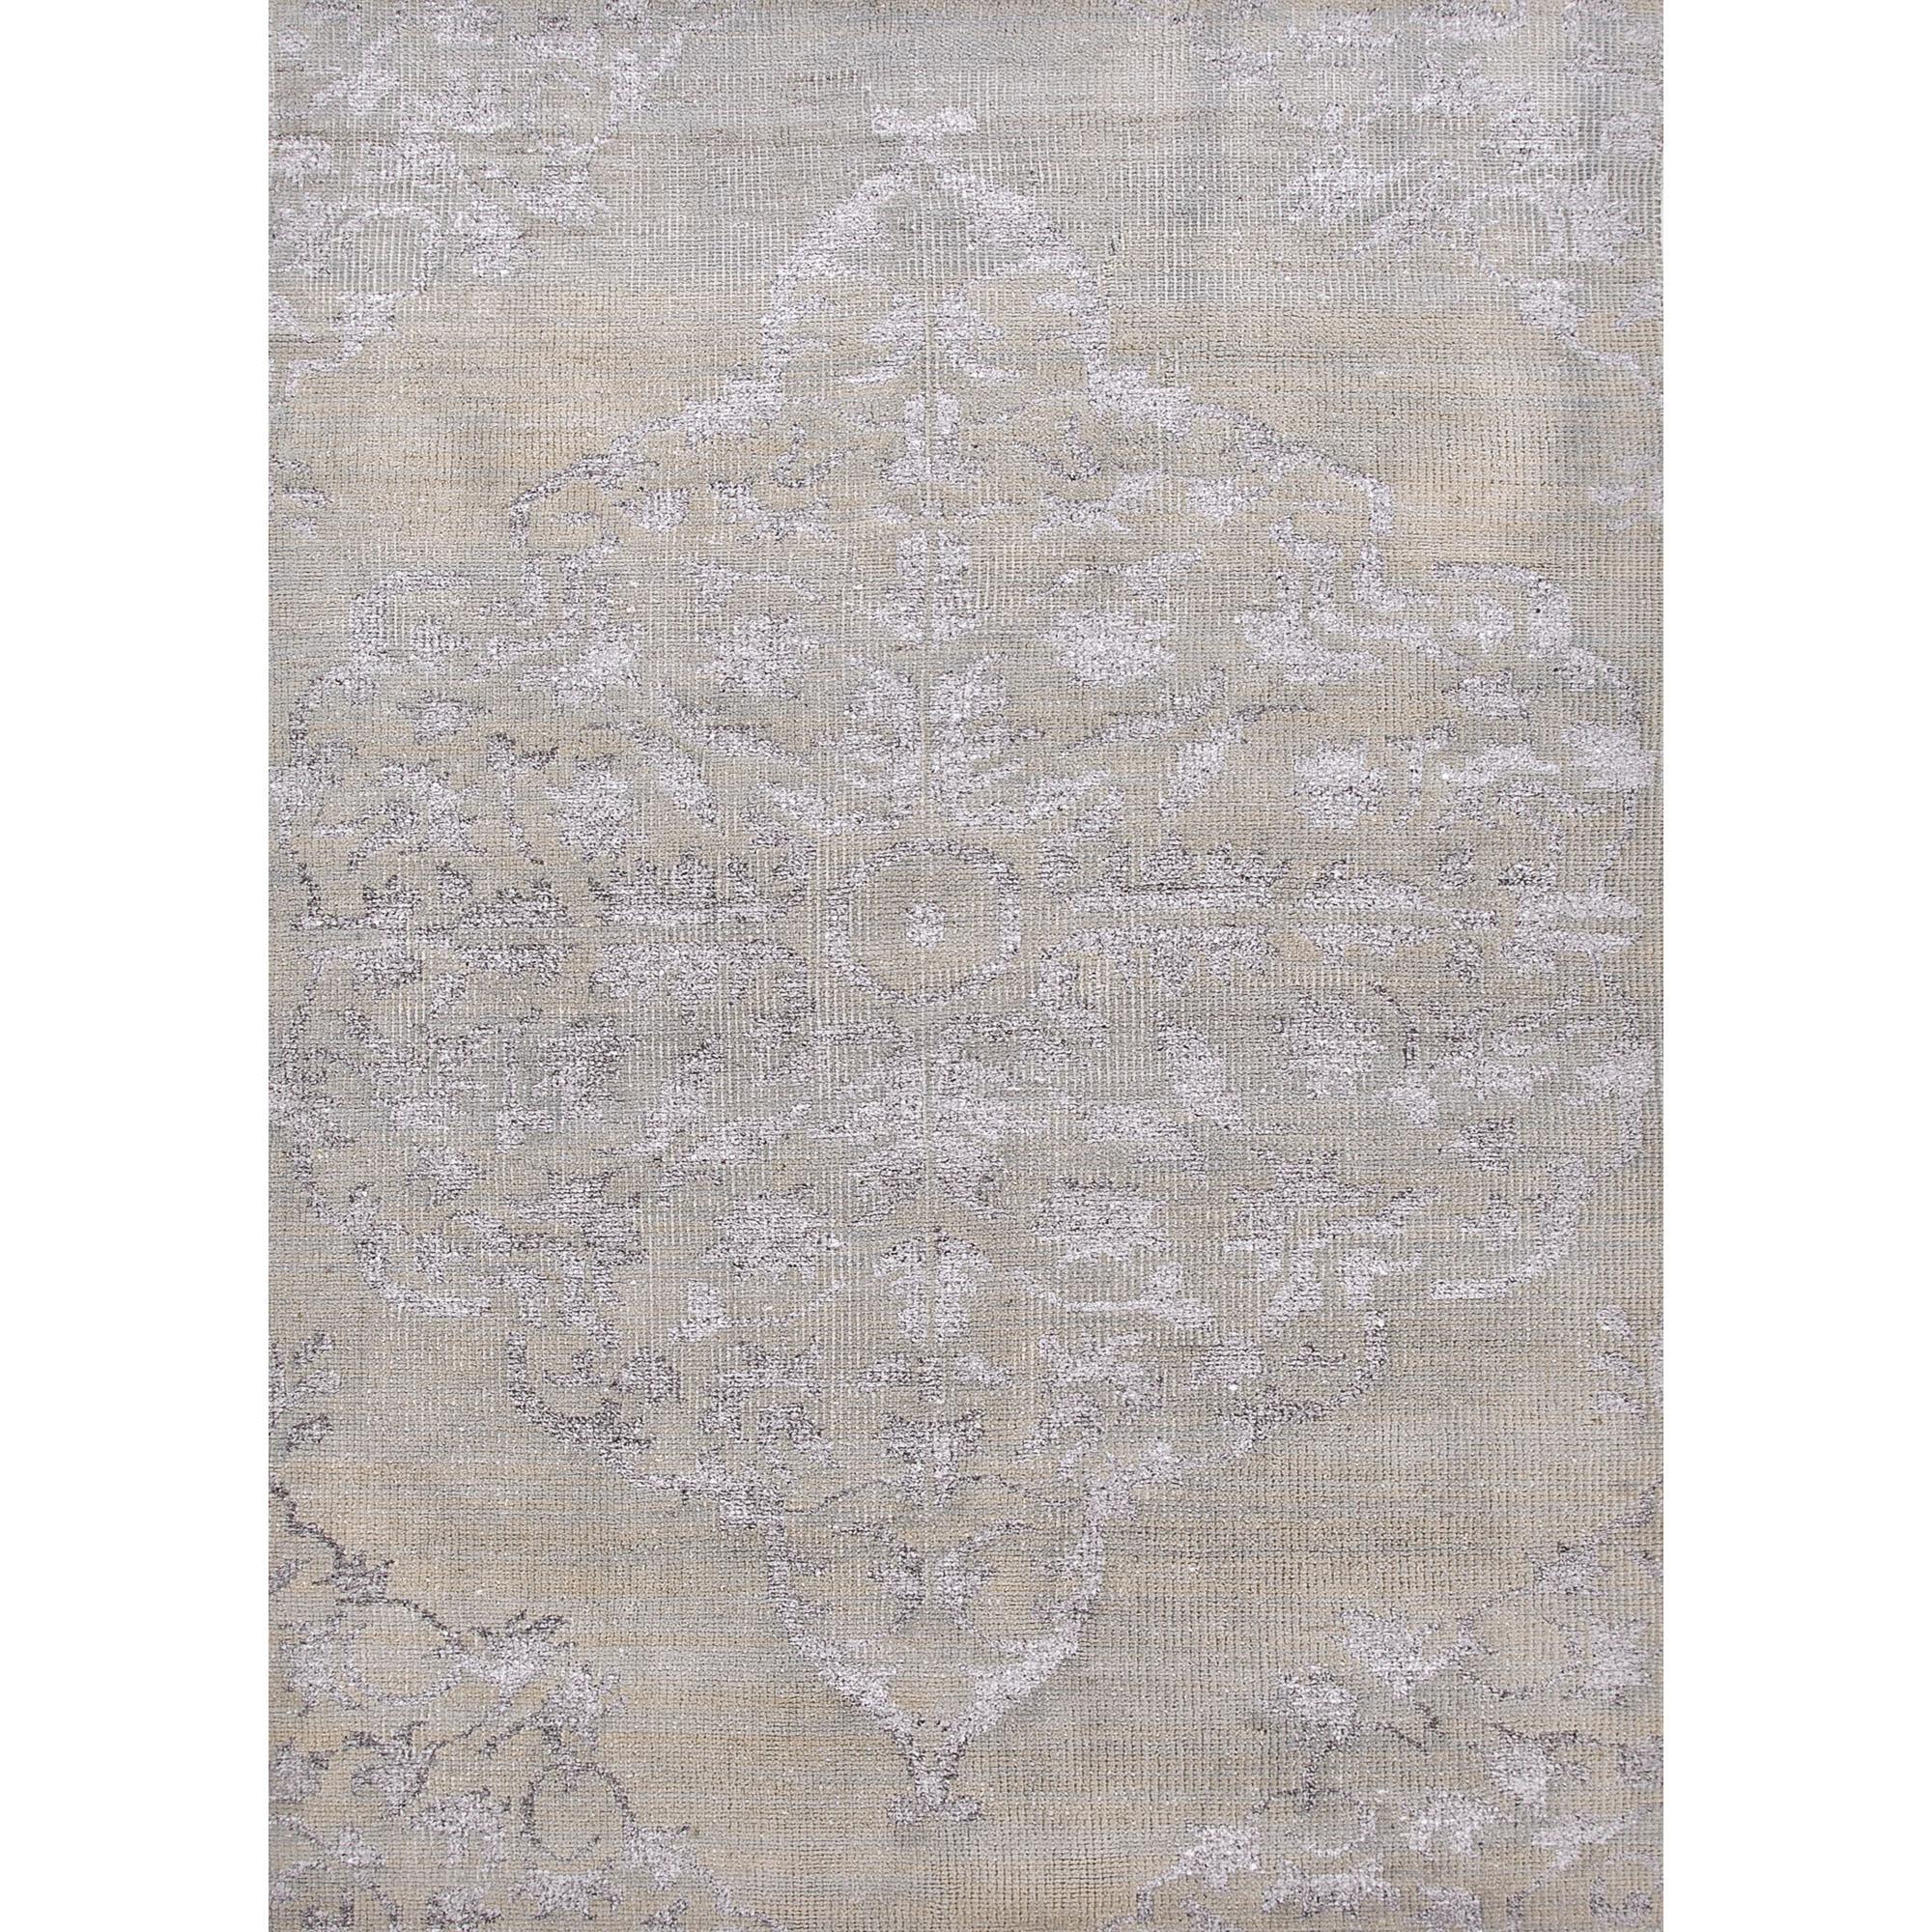 JAIPUR Rugs Heritage 8 x 11 Rug - Item Number: RUG102034